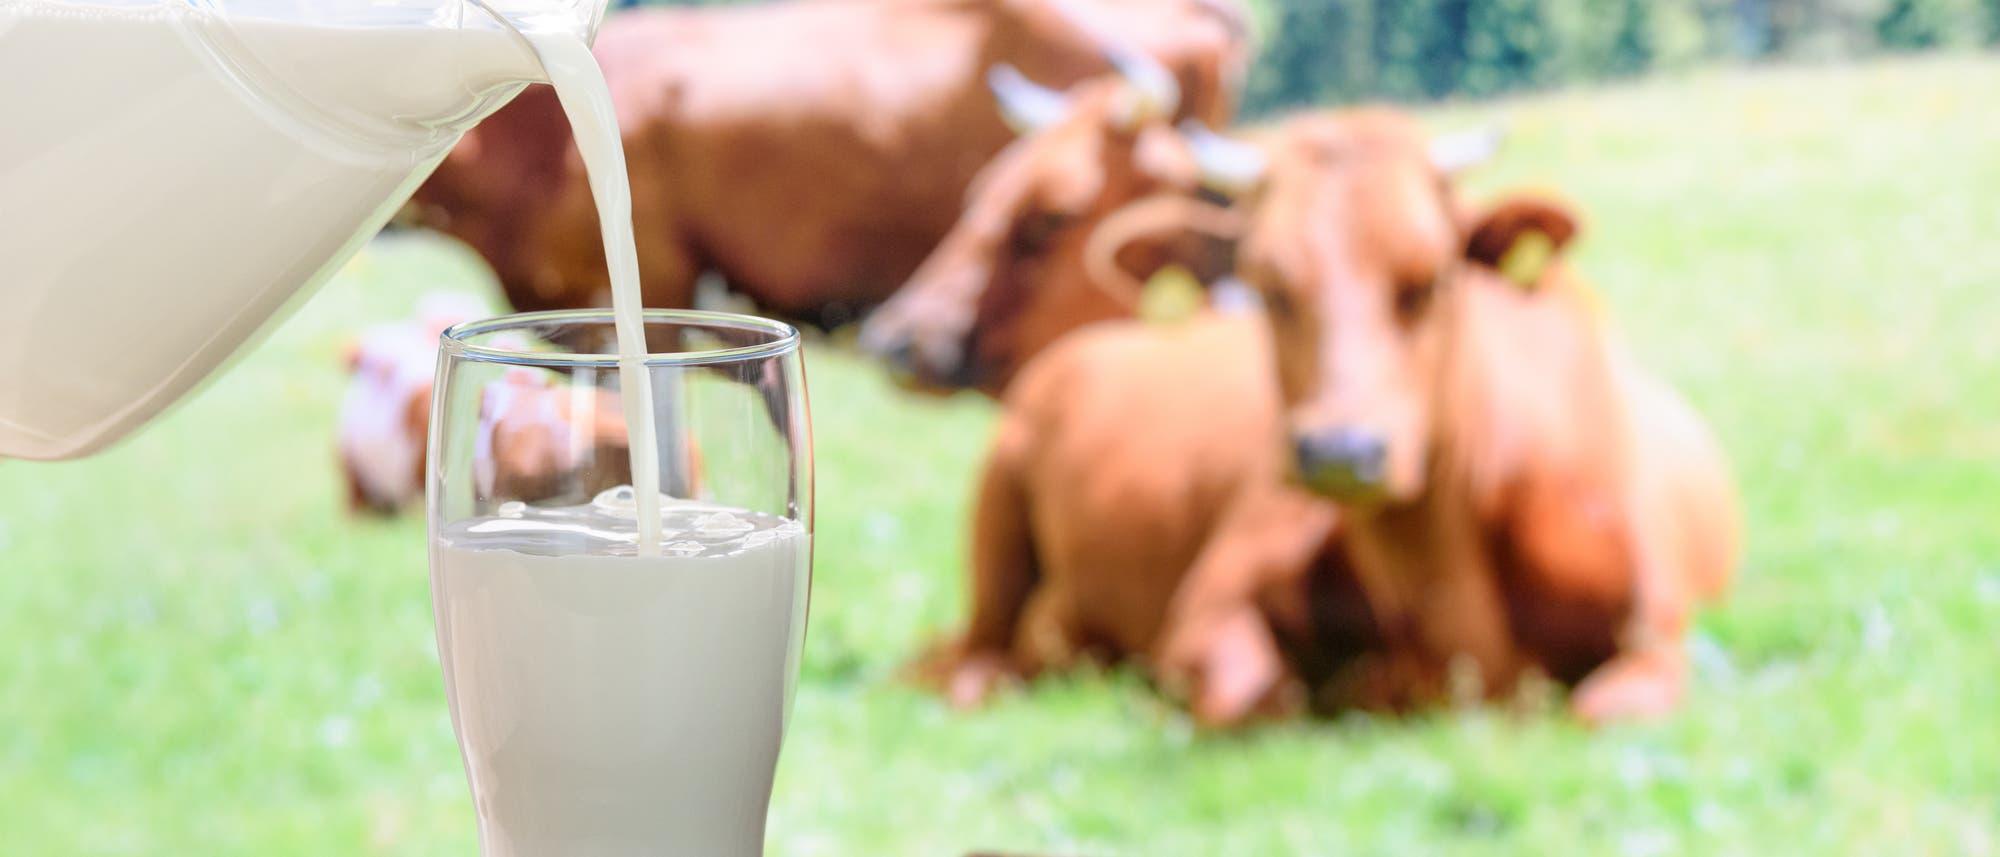 Milch wird aus einem Krug in ein Glas gegossen. Im Hintergrund Kühe.